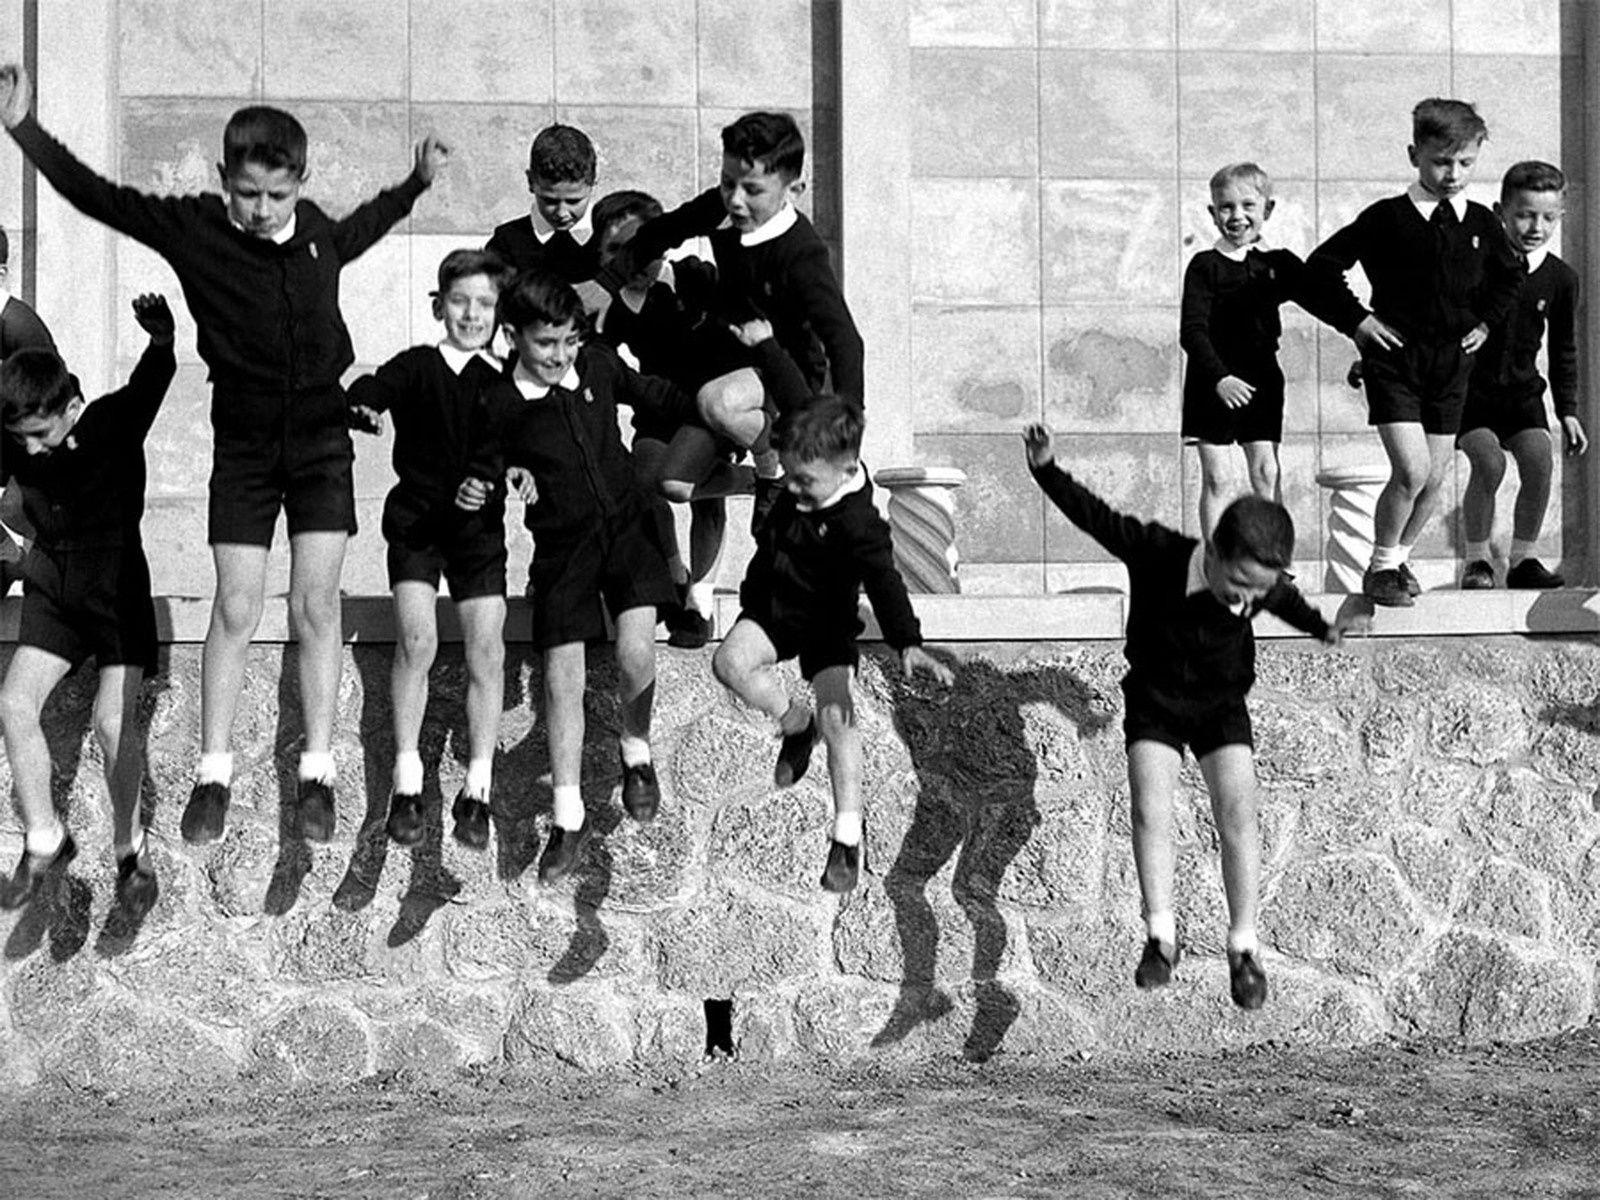 """""""Série Gente dell'Emilia"""", 1957 de Nino Migliori - Courtesy Fondation Nino Migliori à Bologne"""